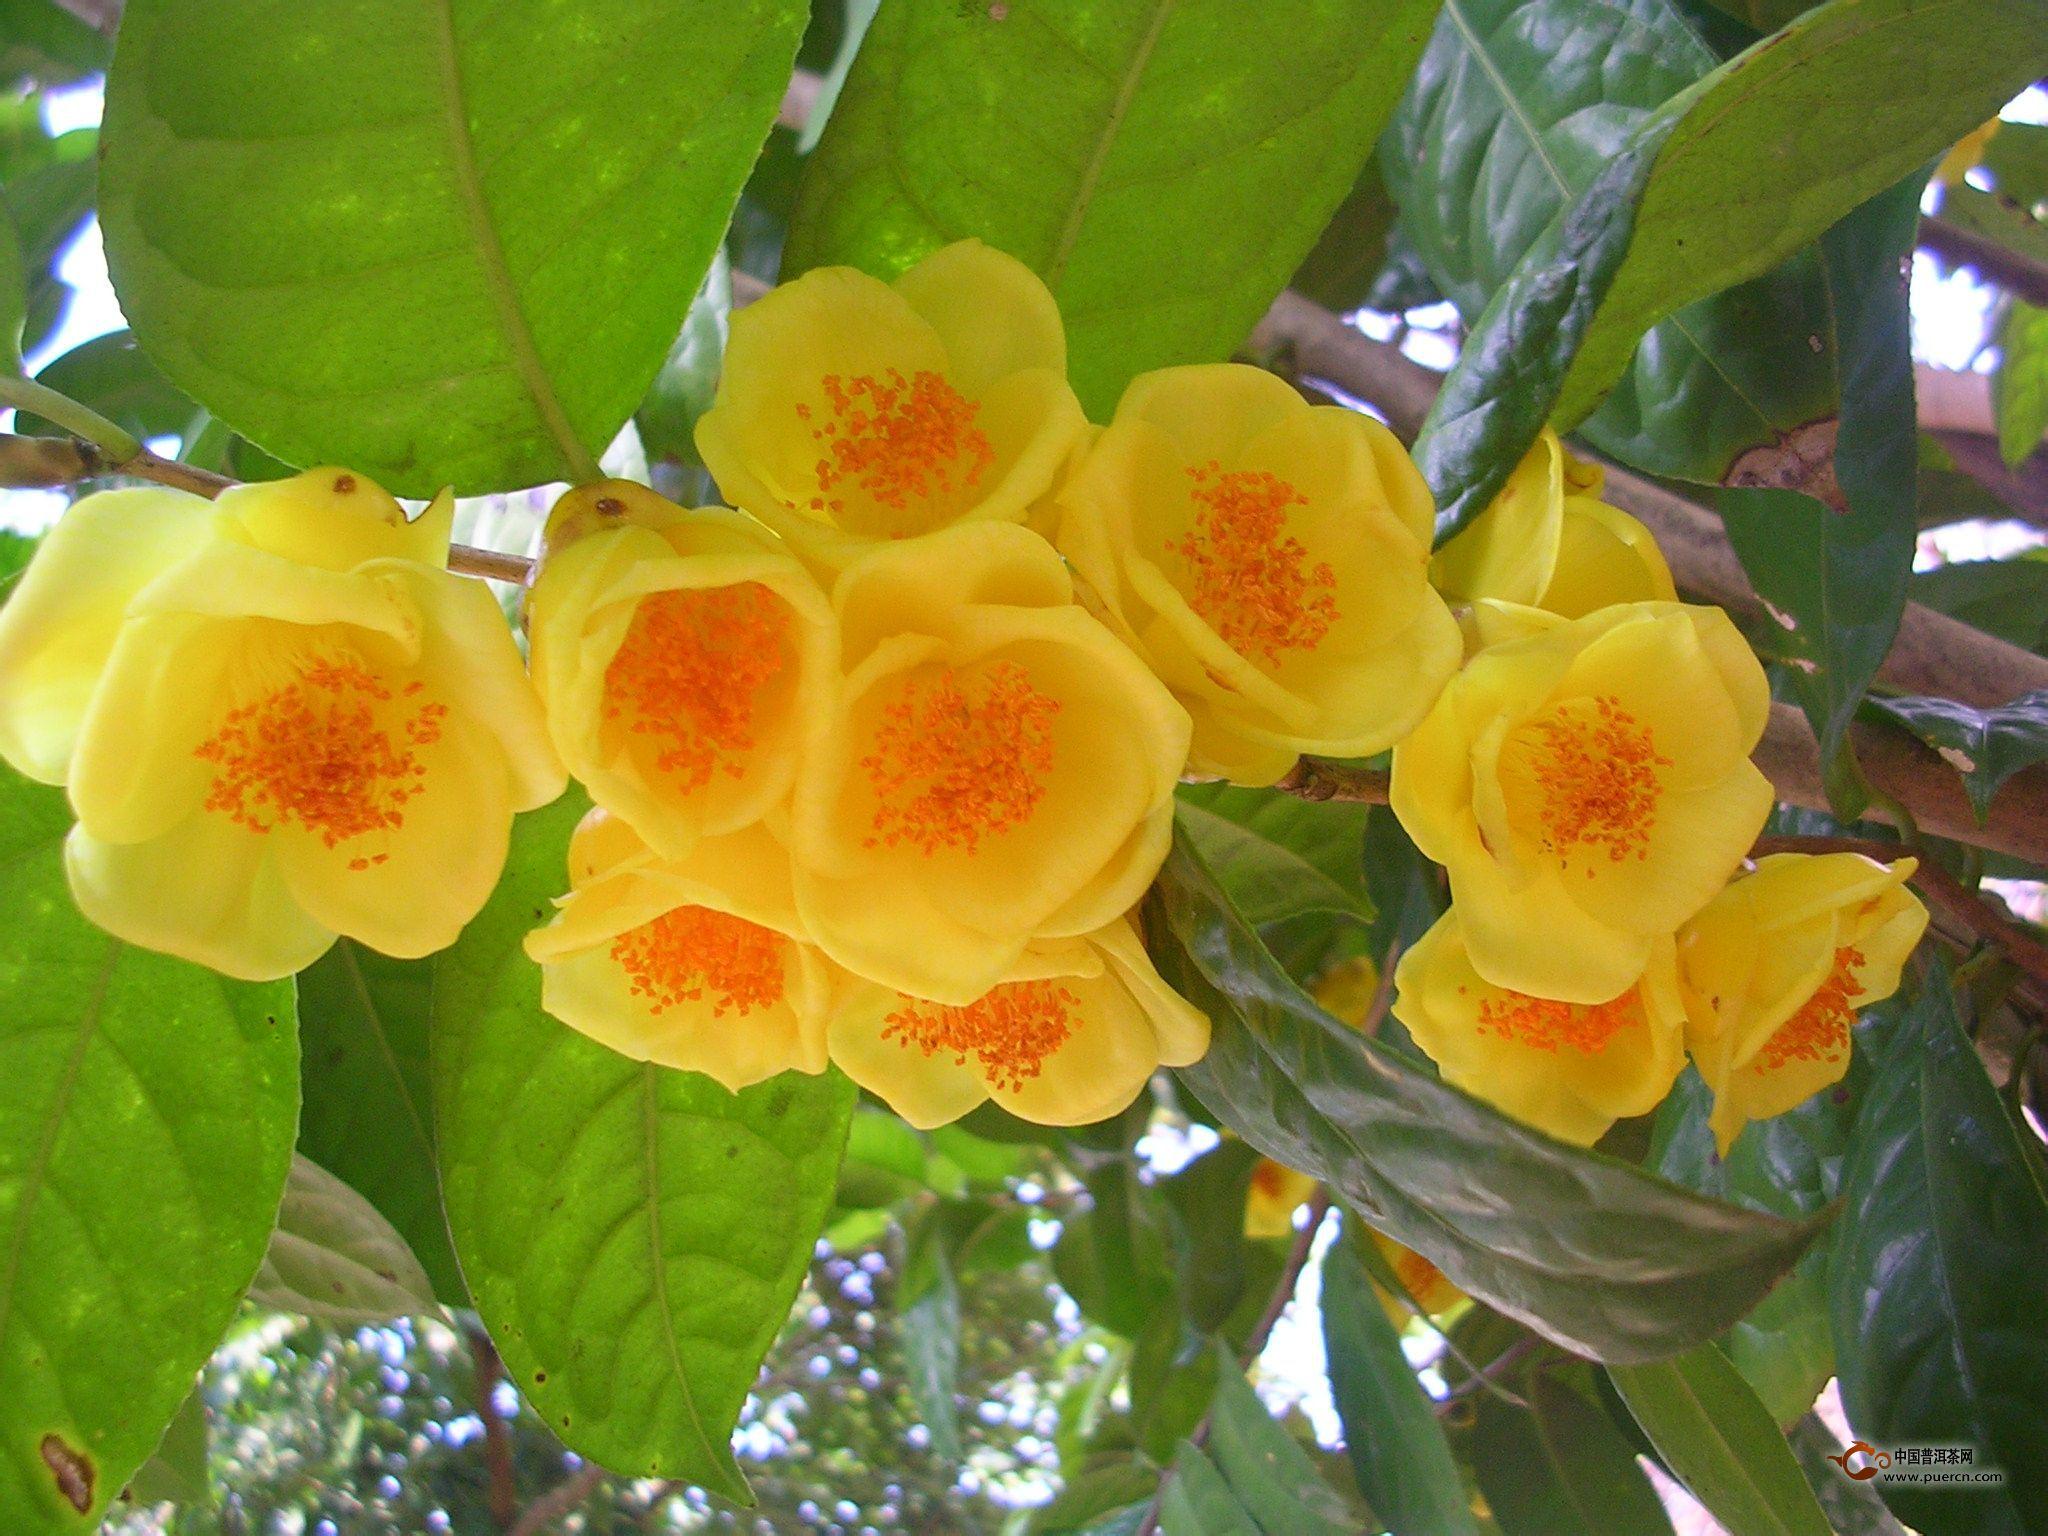 最珍贵的植物_世界上最珍贵的植物有哪些